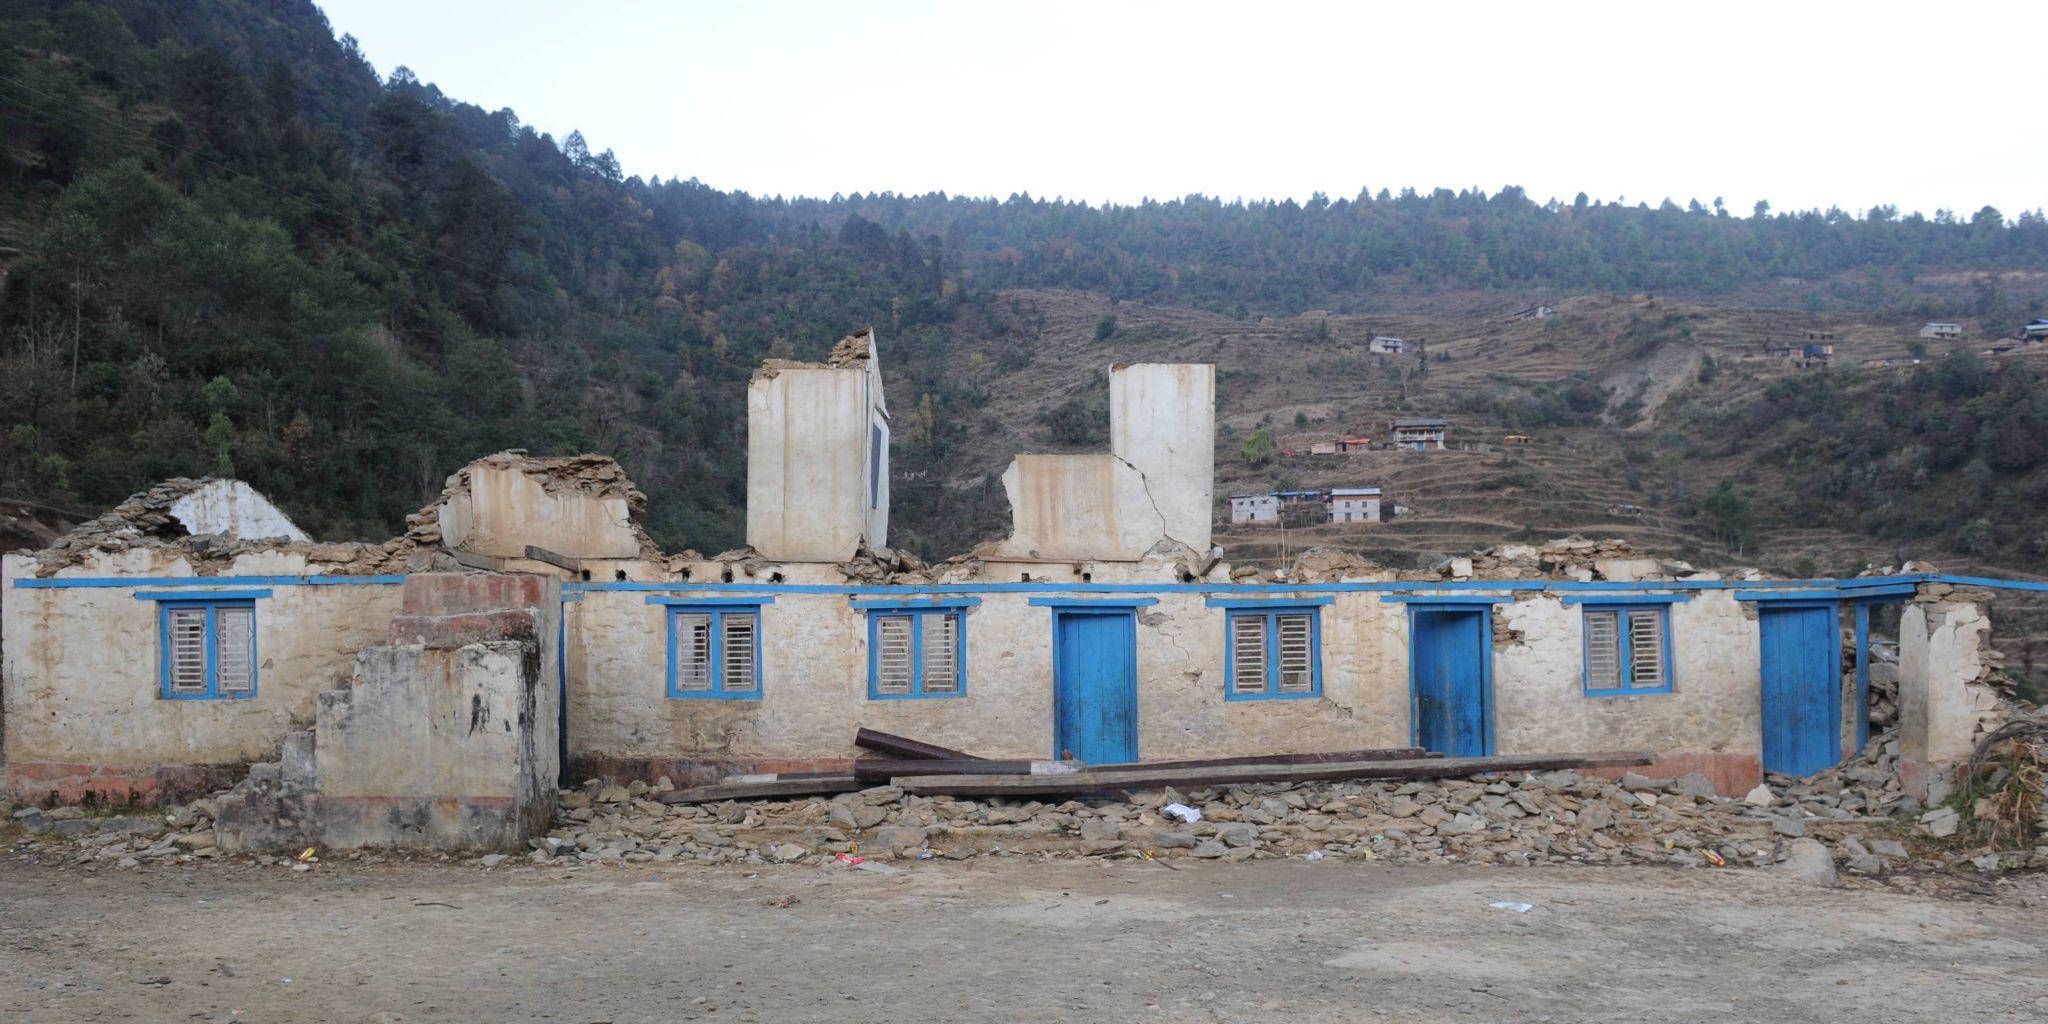 Beispiel für Wiederaufbau: Die Jalkali Schule in Tagam nach dem Erdbeben 2015...